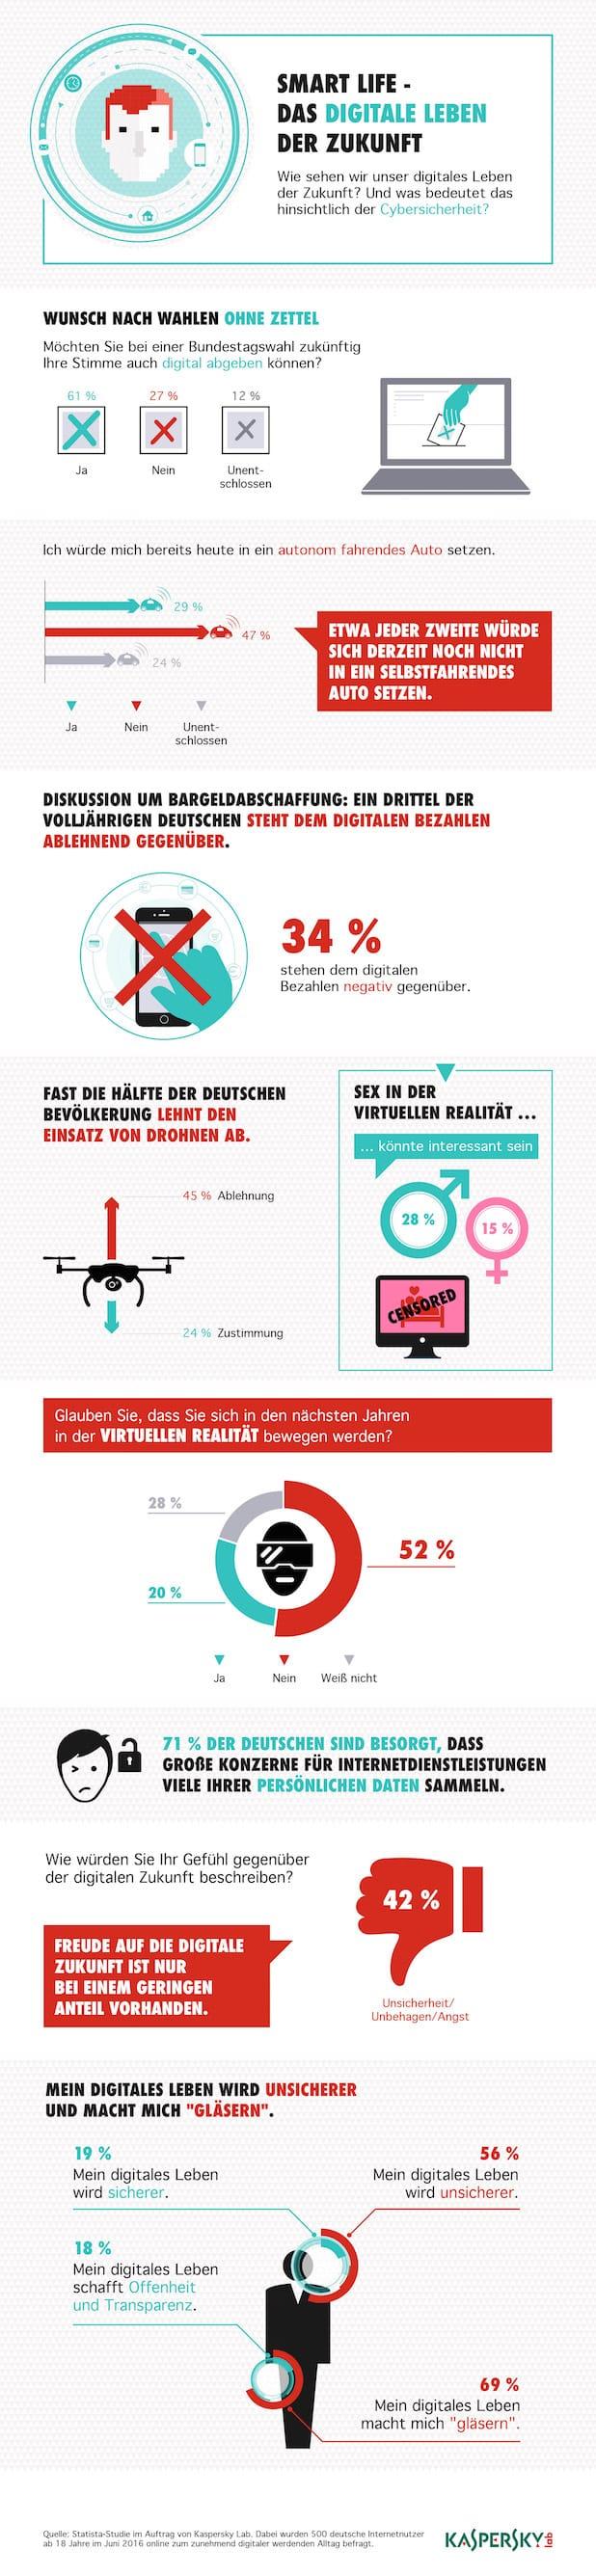 Photo of Kaspersky-Studie zur IFA: Deutsche skeptisch bei Virtual Reality, Drohnen und digitalem Bezahlen